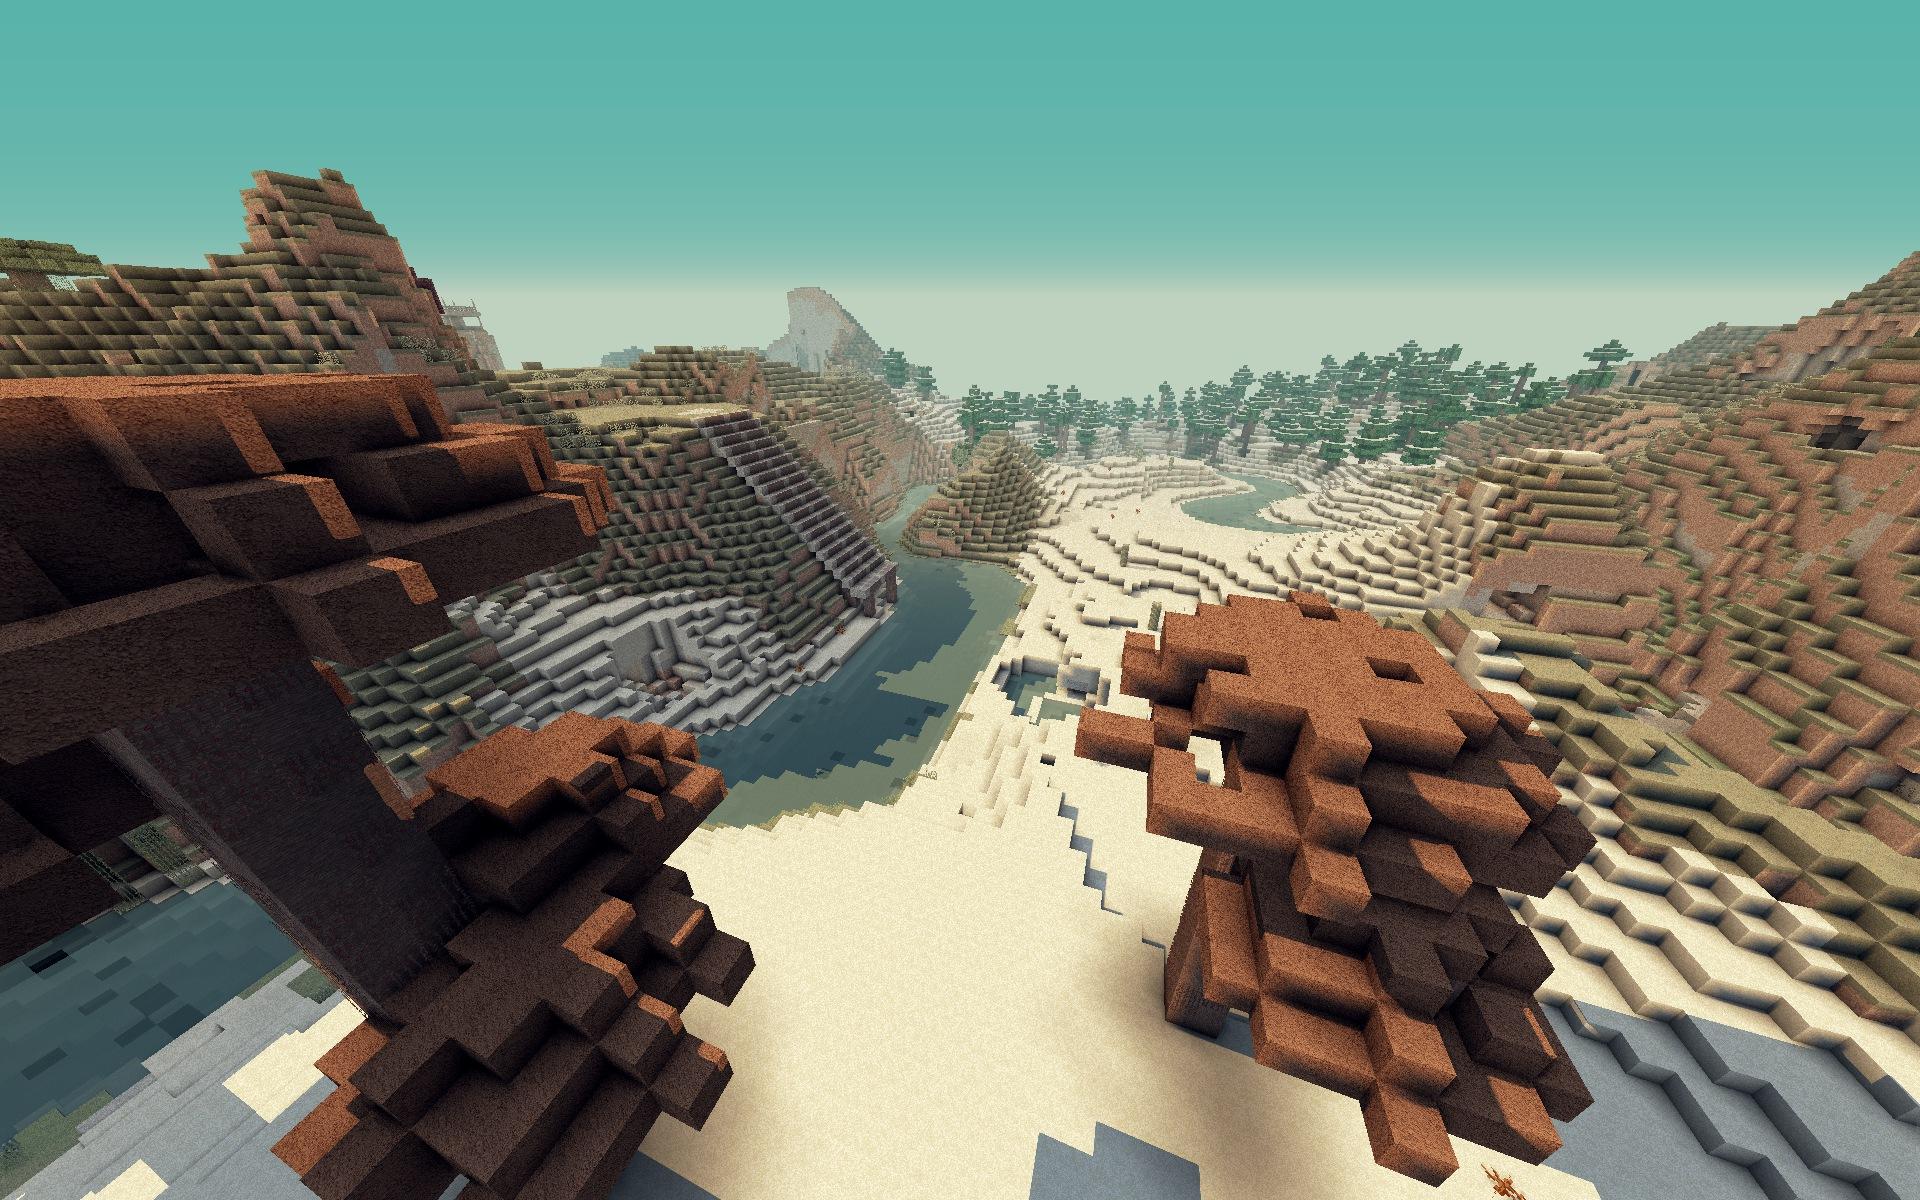 http://minecraft-forum.net/wp-content/uploads/2012/12/84318__Arid-texture-pack-3.jpg